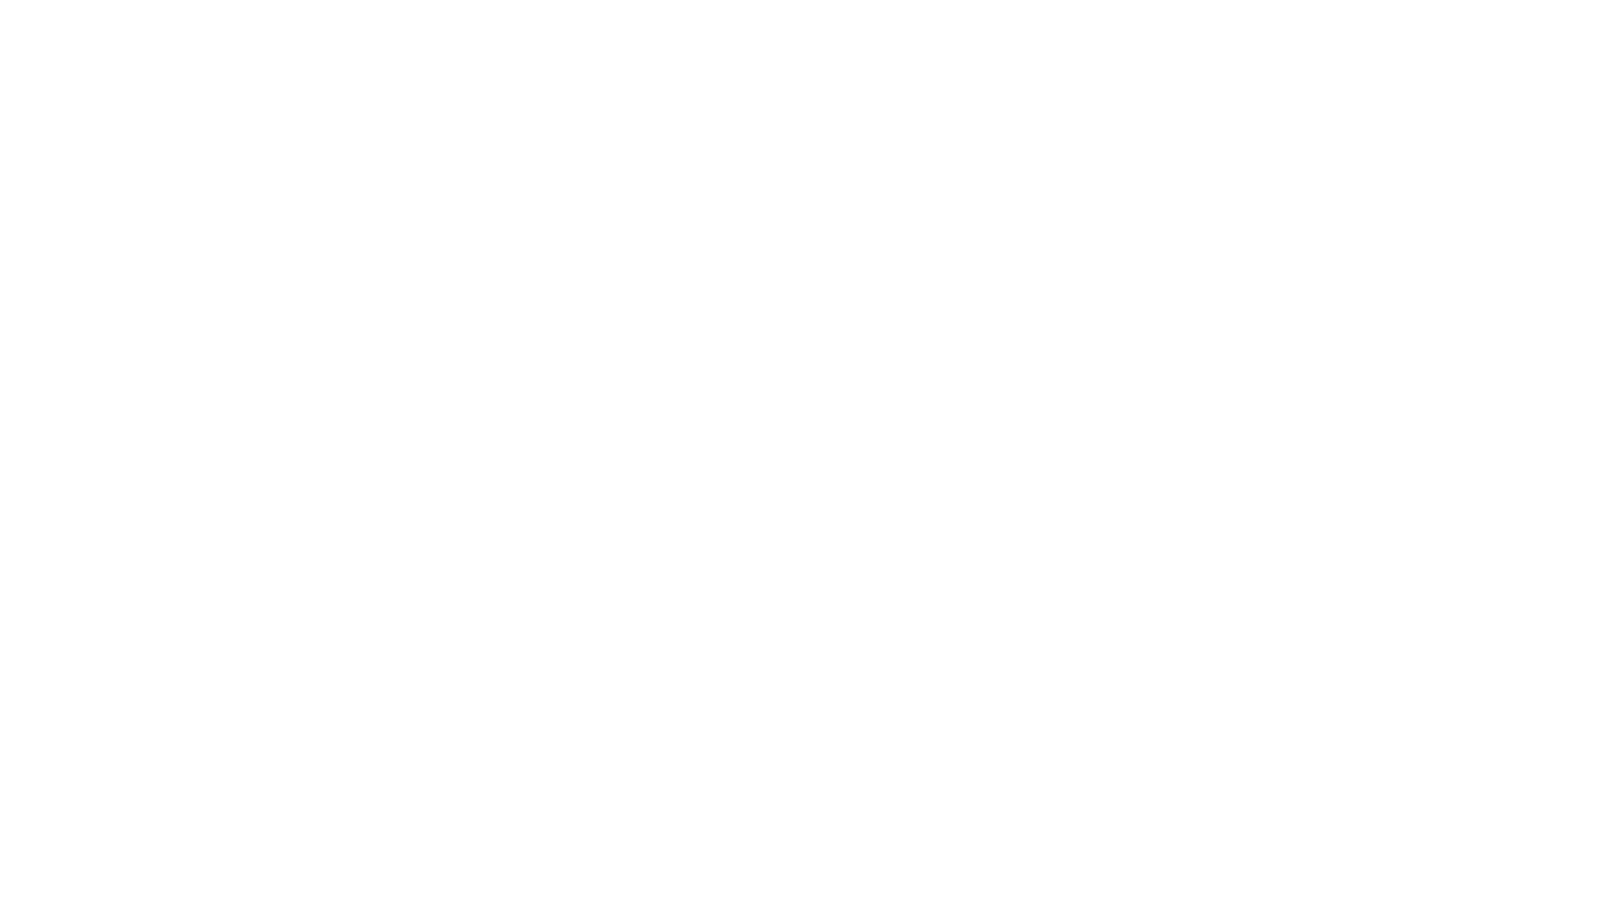 Hello la Pixie Army... Aujourd'hui est le grand jour, nous fêtons les 5 ans de la chaîne Youtube ! J'ai donc décidé de répondre à toutes vos questions sur l'avenir de la chaîne, mes meilleurs souvenirs mais aussi les moments difficiles, et je vous révèle ce gros projet sur lequel je travaille depuis quelques semaines...  ✨  Vous pouvez me retrouver sur Instagram, Twitter & Facebook au nom @Pixietubeuse . ✨  Mon adresse mail (pro uniquement) : pixietubeuse@gmail.com  ✨ REMERCIEMENTS :  Intro Youtube : MademoiselleDaydream Bannière Youtube et logo Youtube : Athyess Logo du blog et du générique de fin : Ella_Illustrations Design du forum et fond du blog : Remyoult  Si tu passes par ici, je te remercie de venir me lire ici et je te souhaite une merveilleuse journée !  ... A très bientôt sur Pixietubeuse et merci d'être de plus en plus nombreux à me suivre ! Je vous aime fort ma Pixie Army 😍  #Disney #Pixietubeuse #FAQ